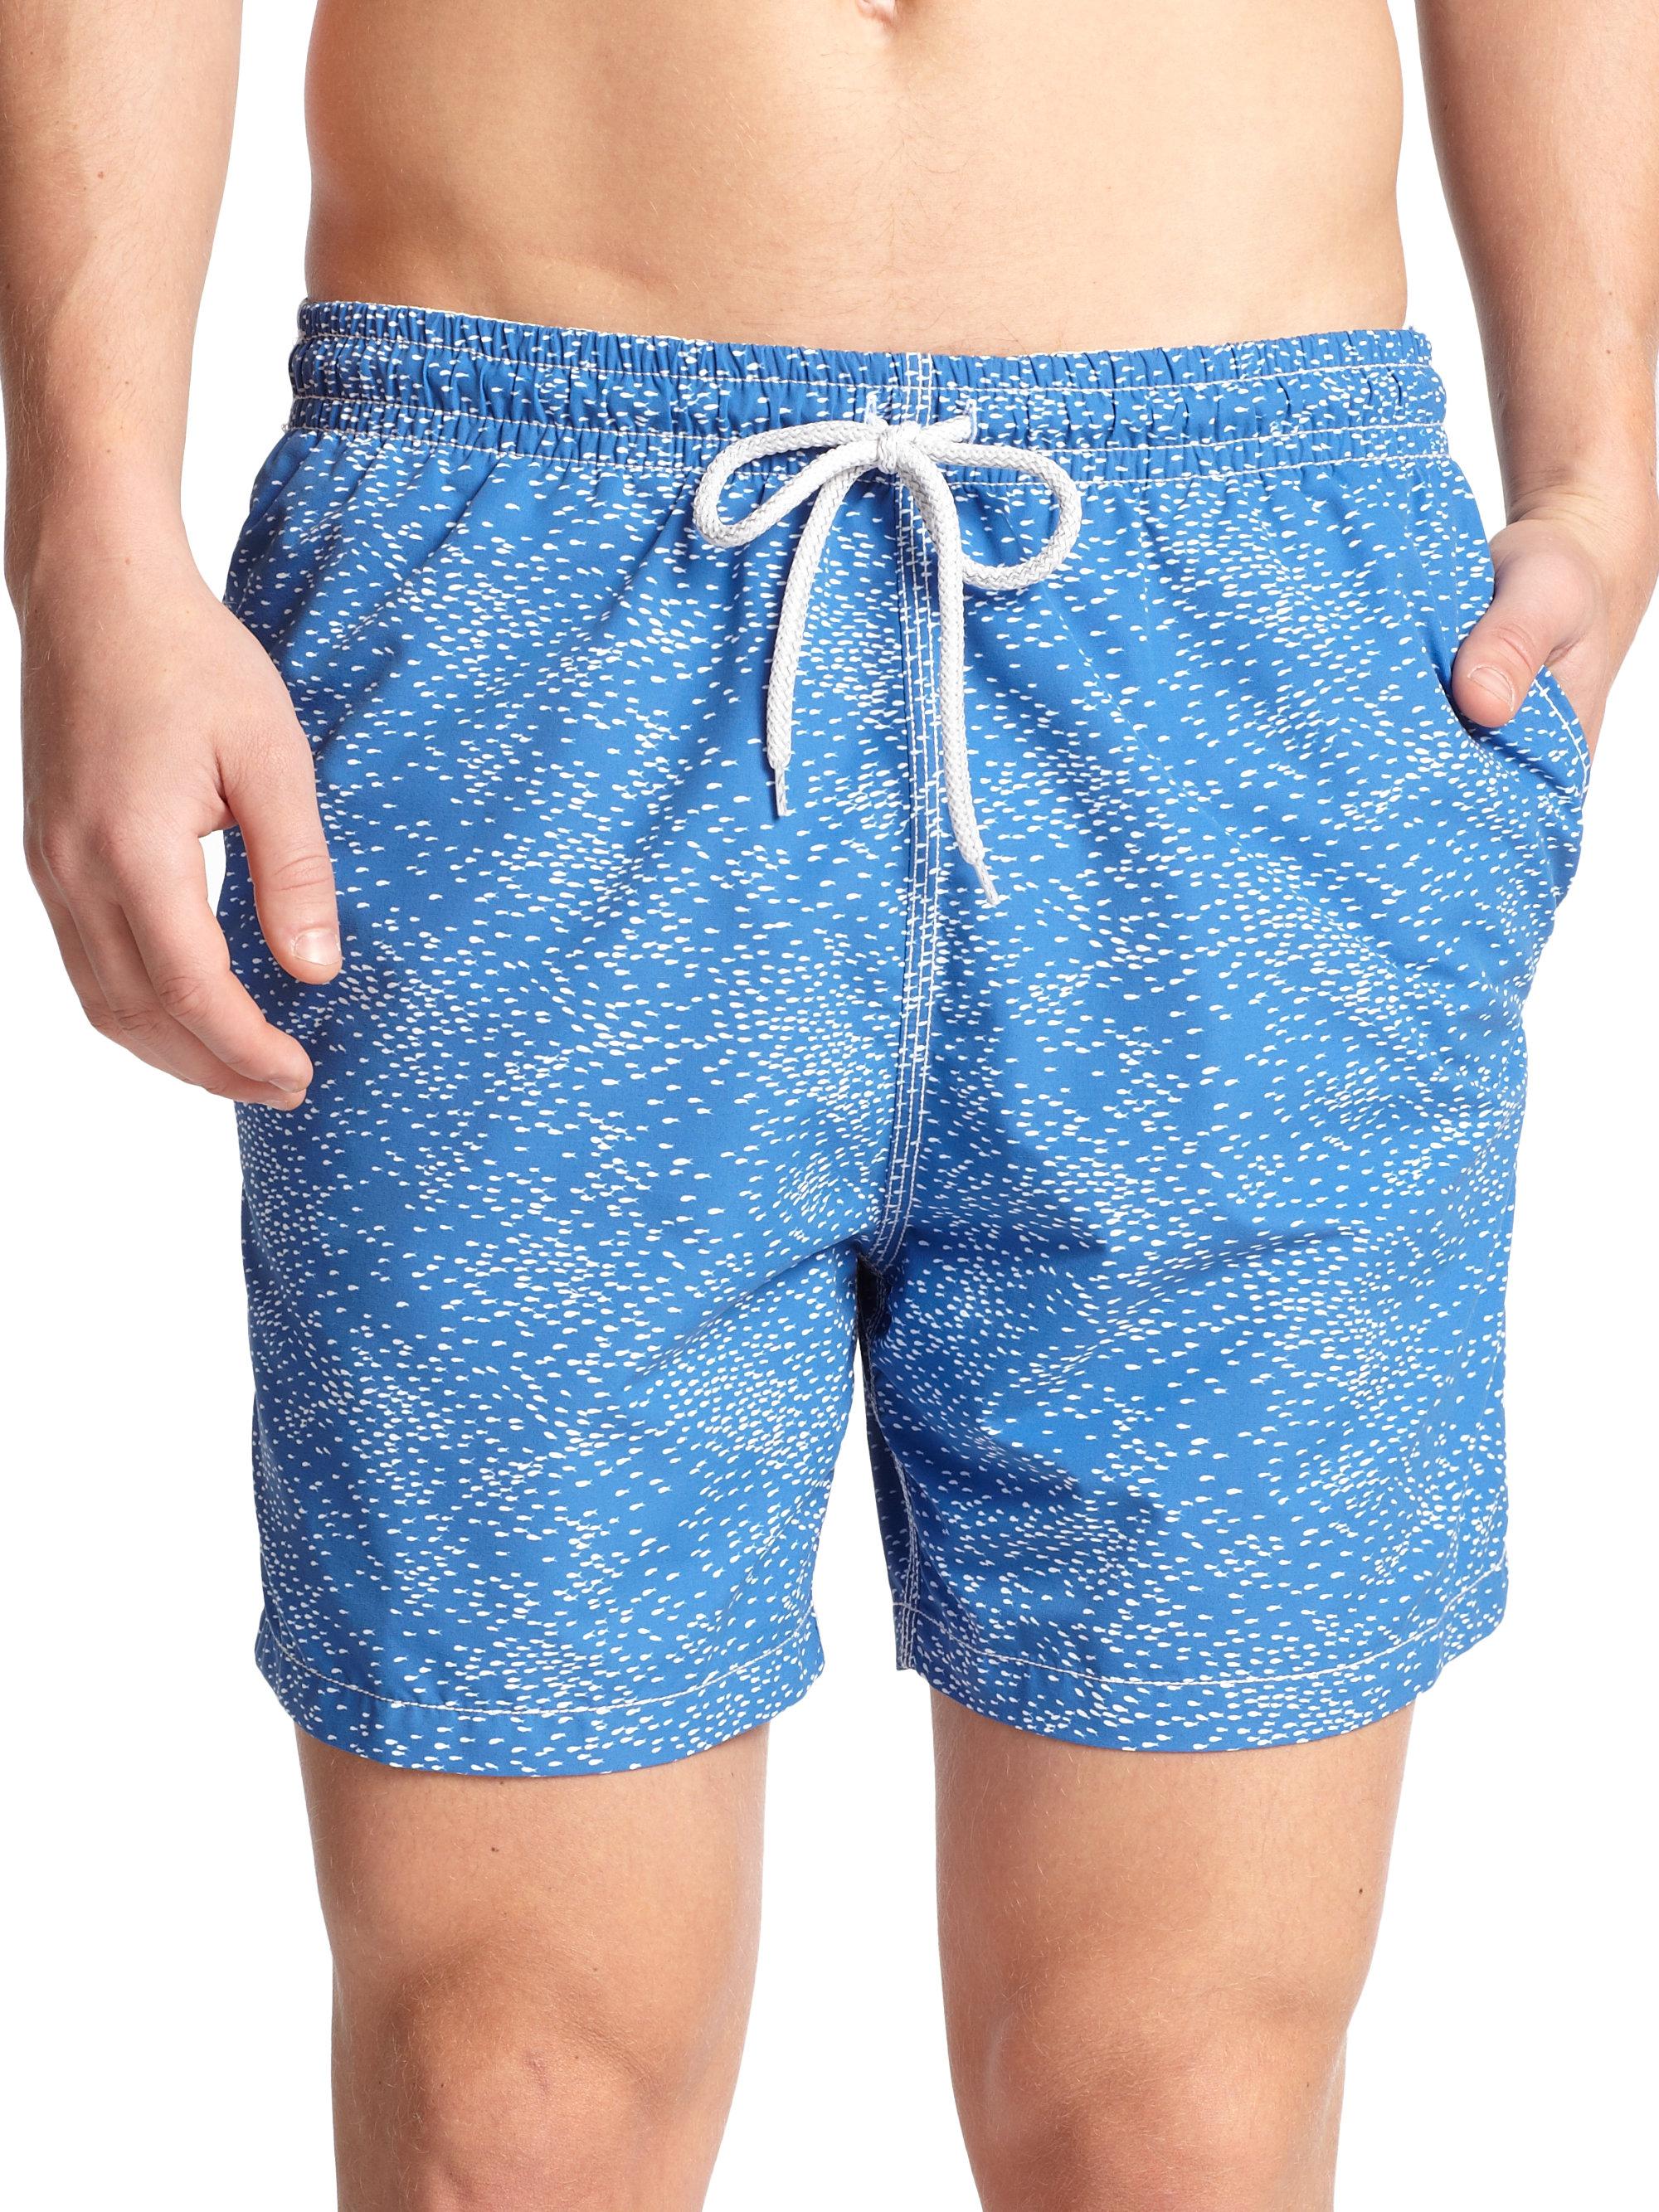 Saks fifth avenue school of fish swim trunks in blue for for Fishing swim trunks